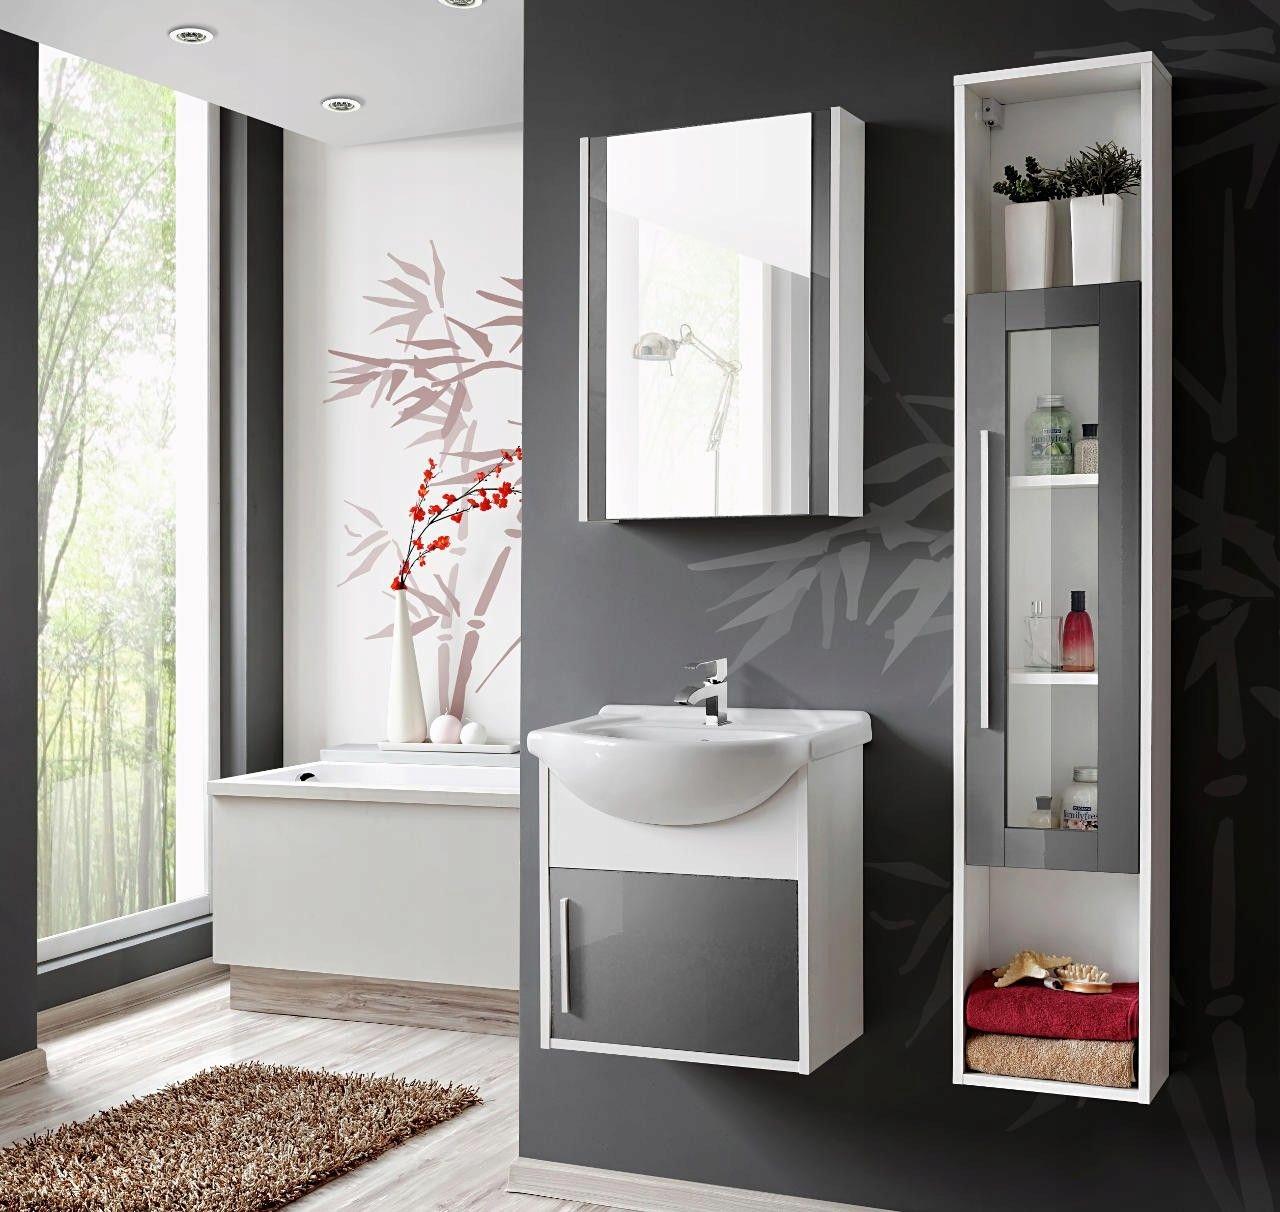 Meble do małej łazienki: oryginalny wybór